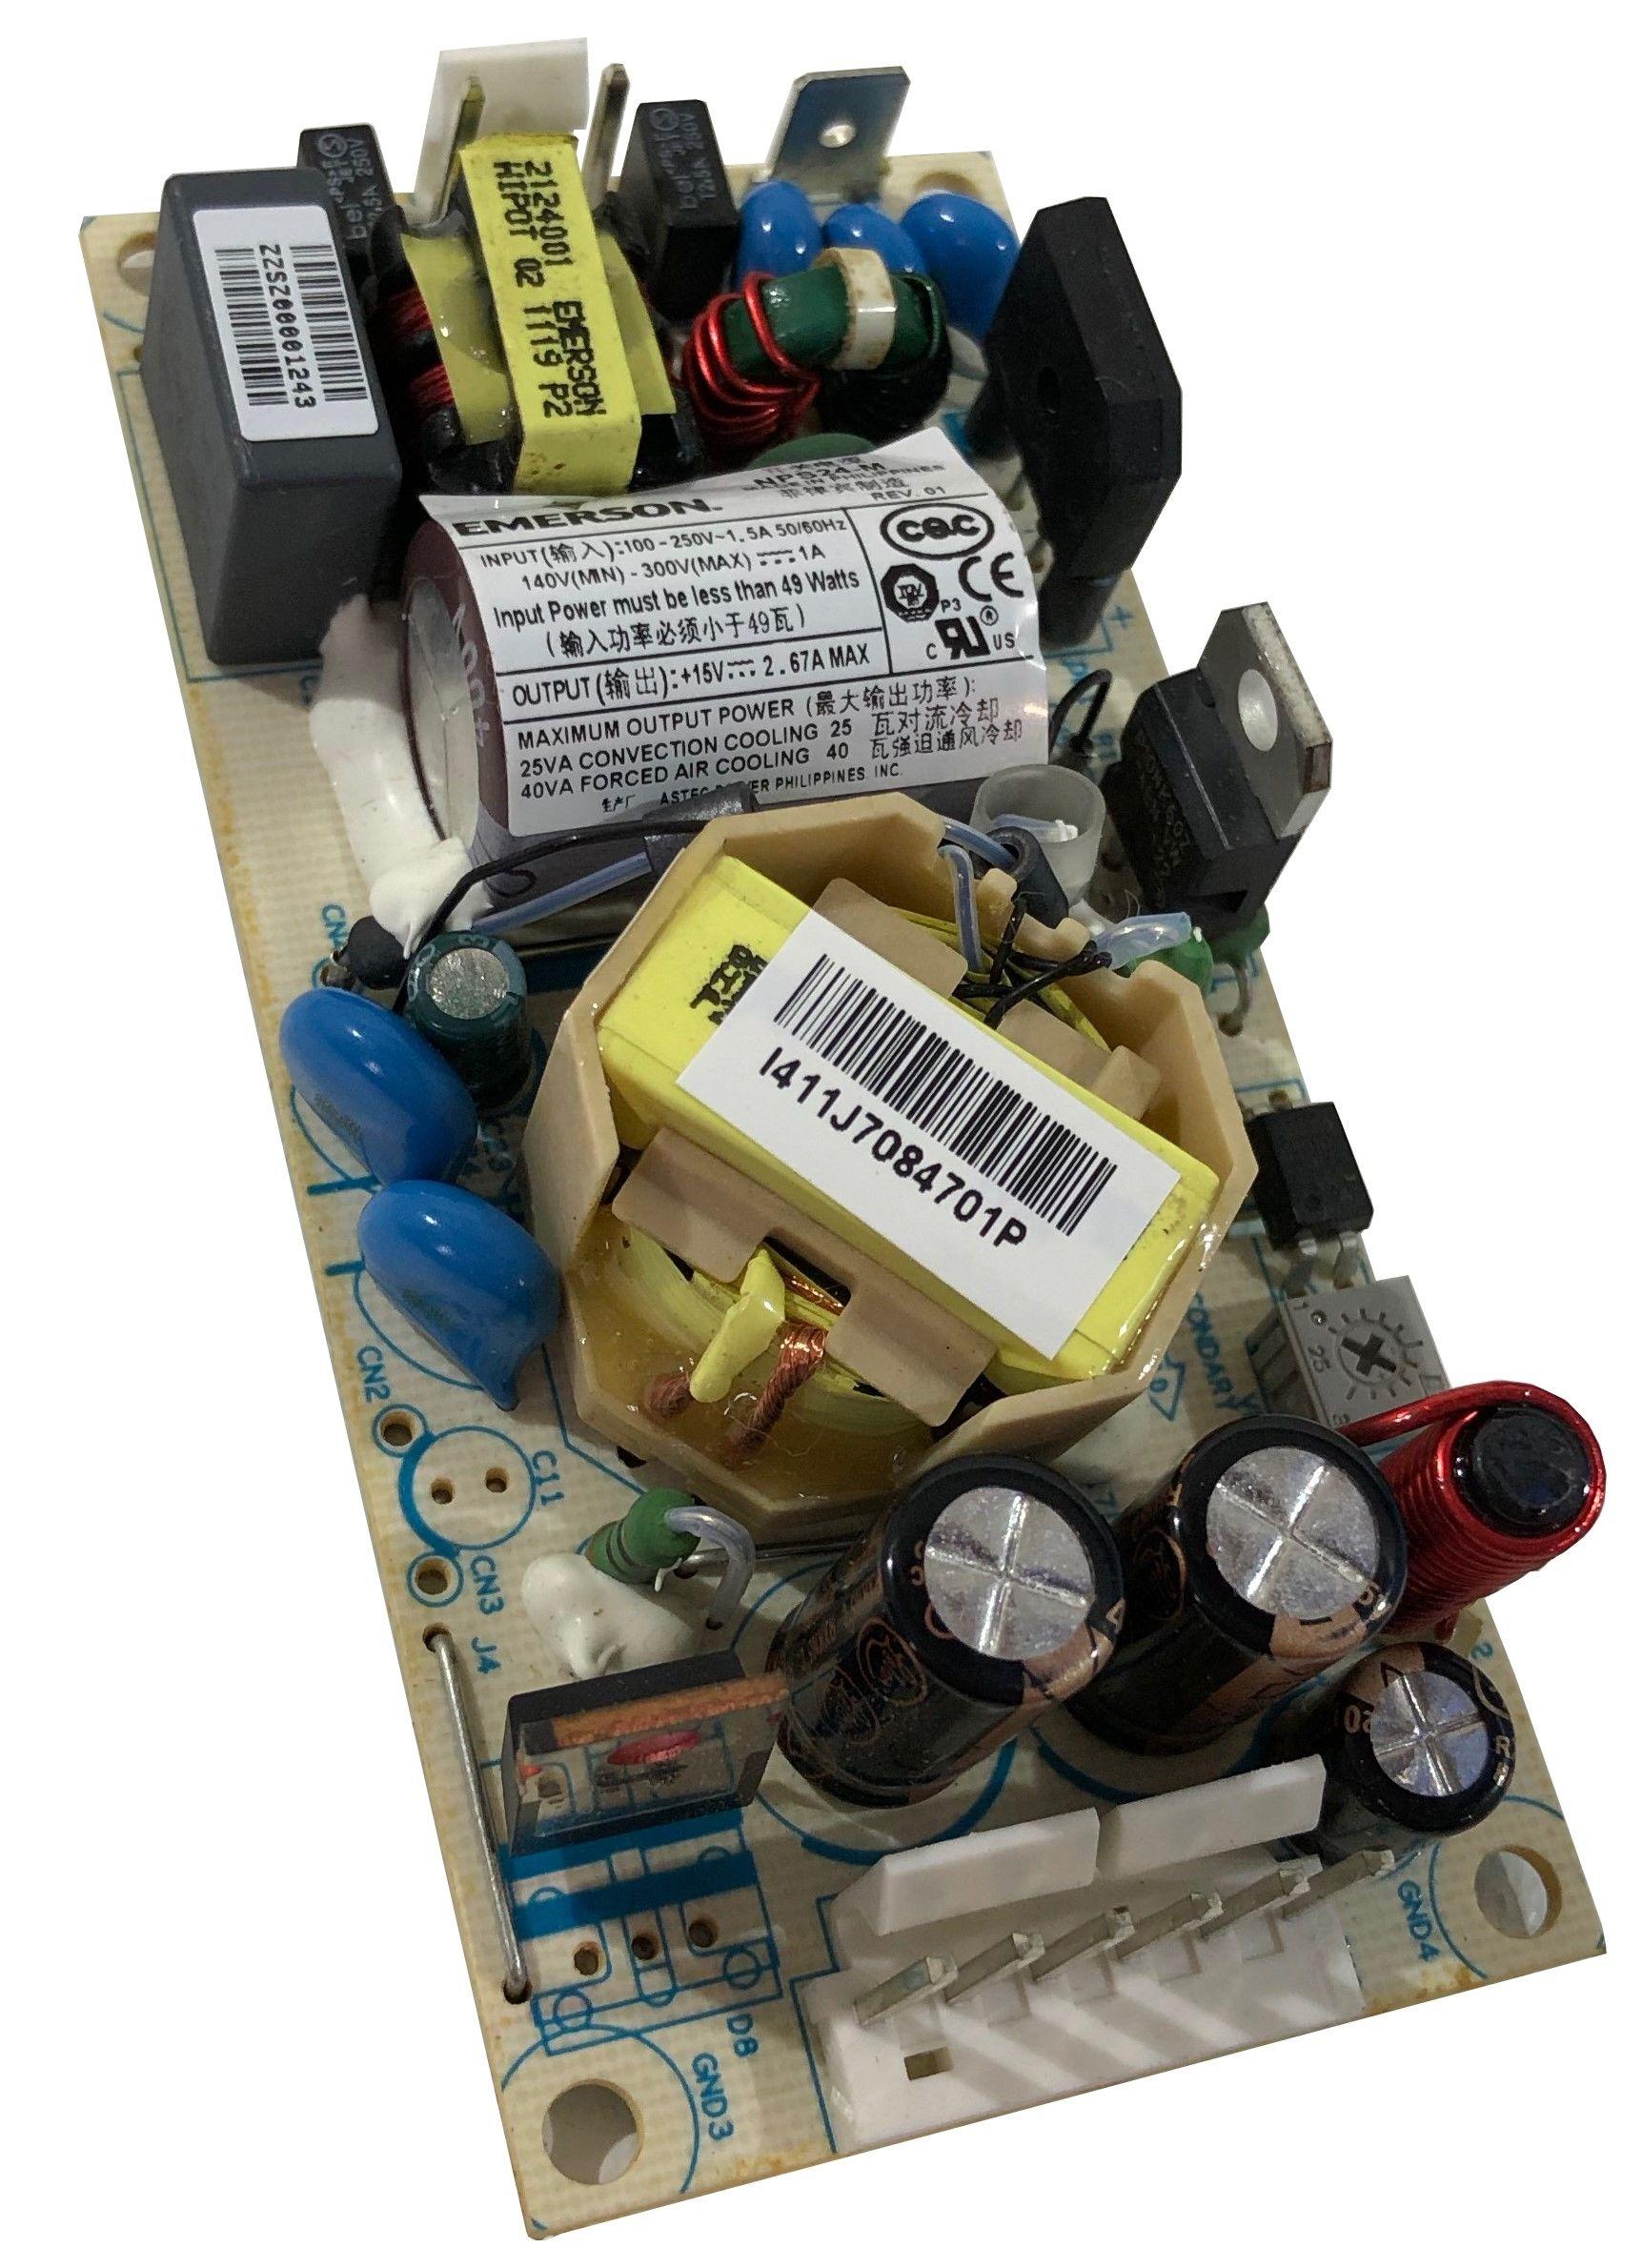 Emerson NPS24-M Einbau Schaltnetzteil 15V 3A 40W mit medizinischer Zulassung